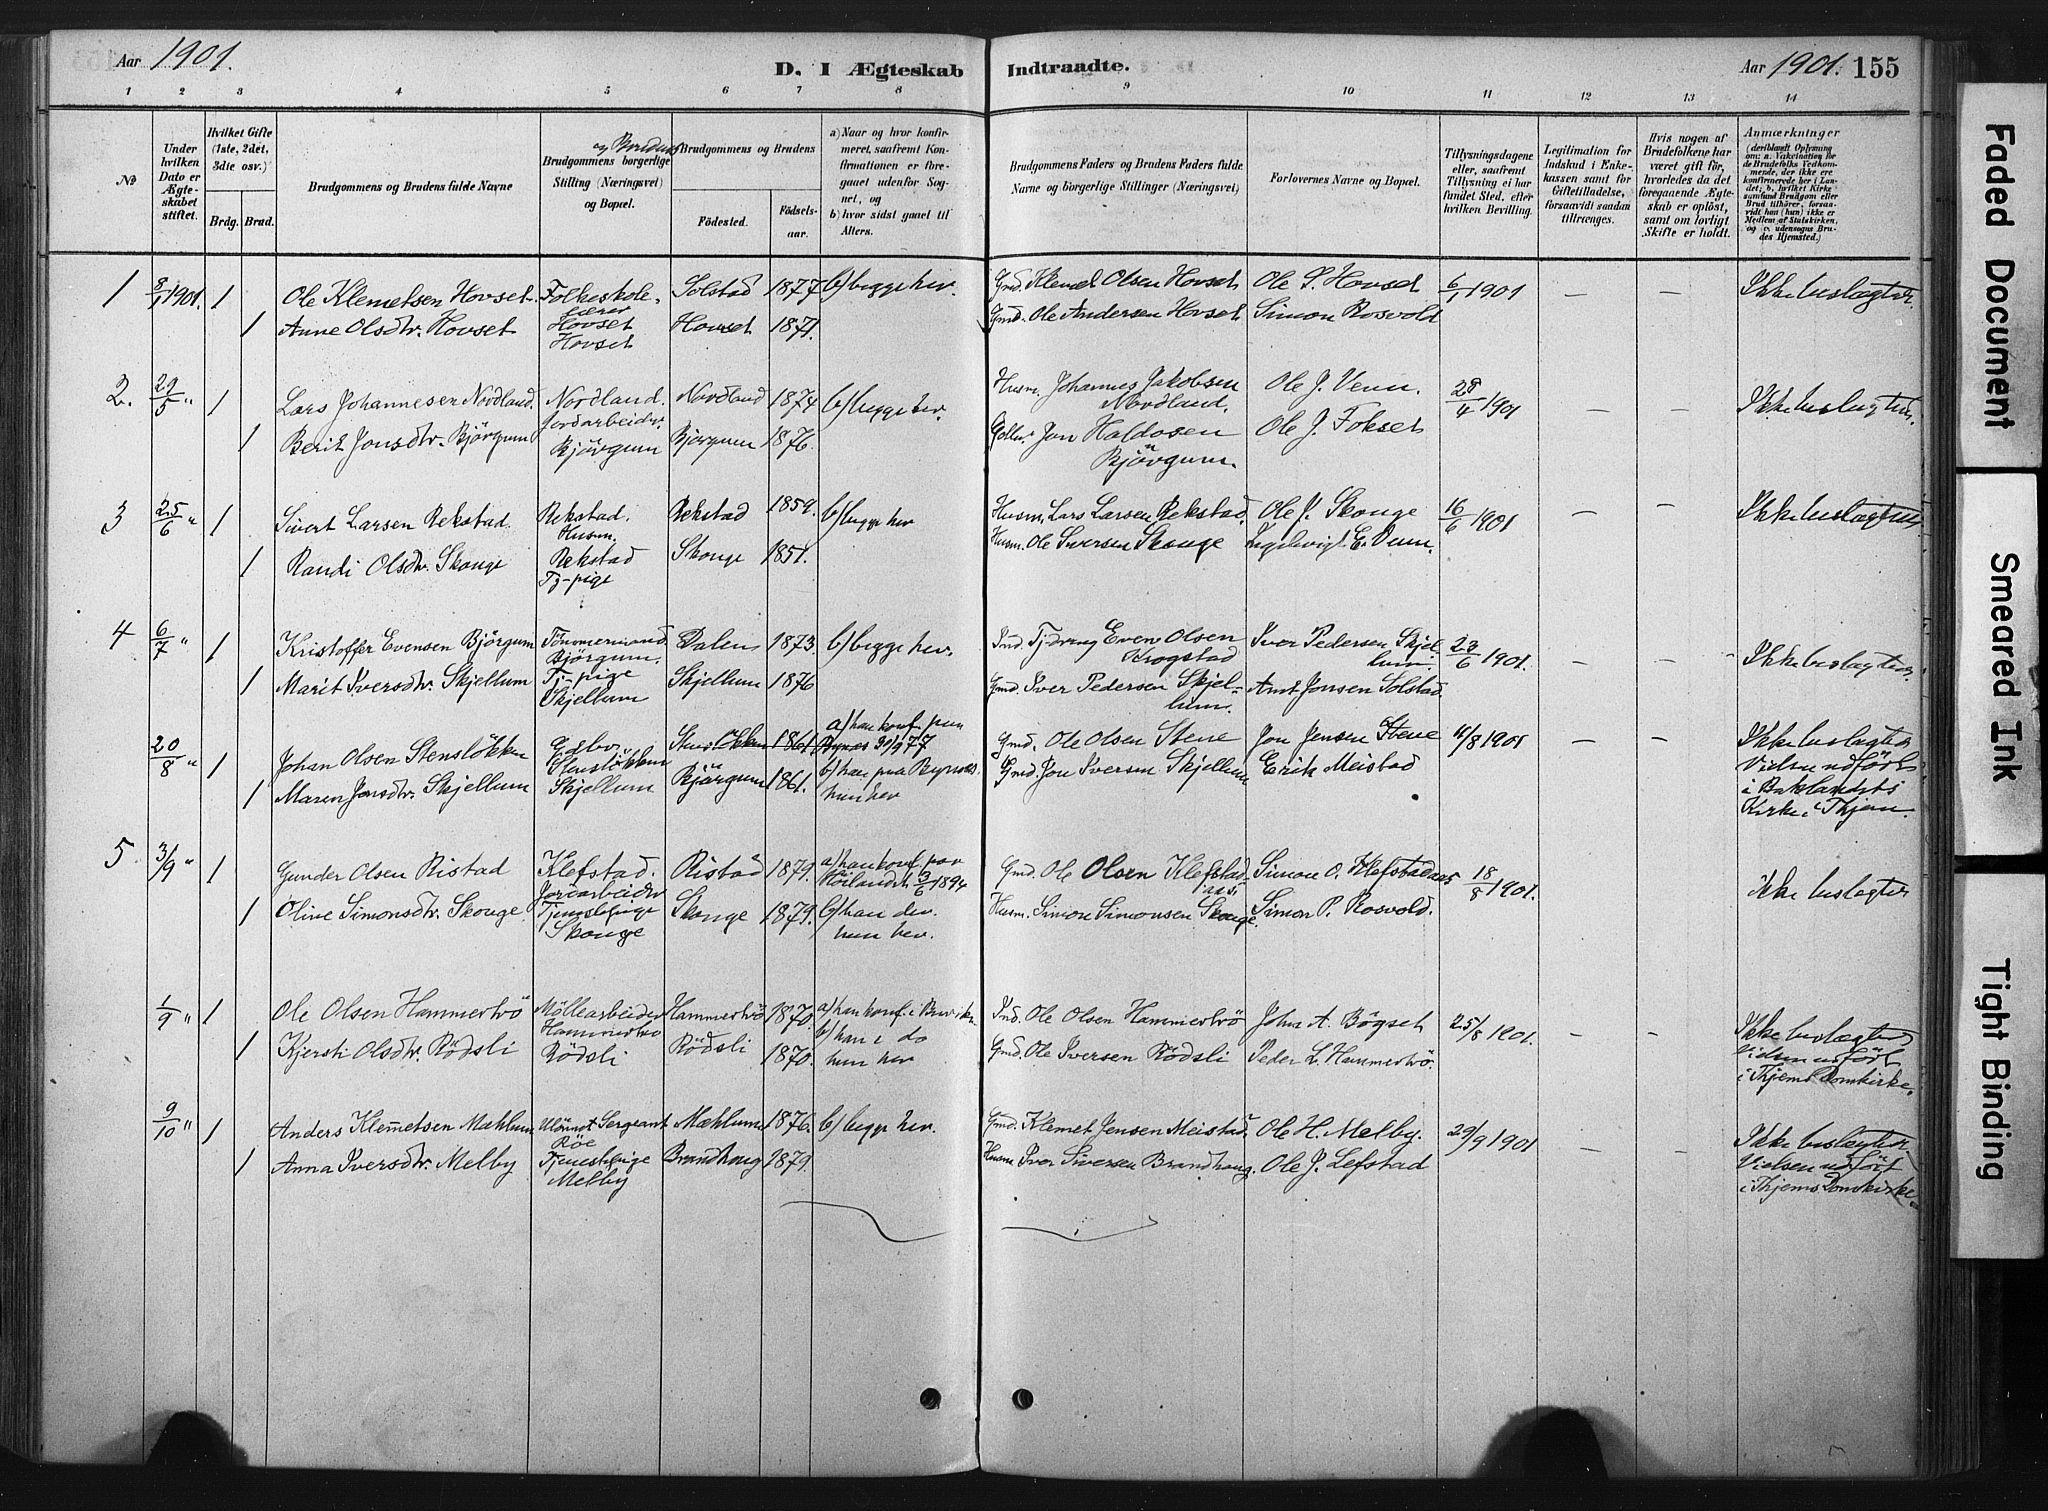 SAT, Ministerialprotokoller, klokkerbøker og fødselsregistre - Sør-Trøndelag, 667/L0795: Ministerialbok nr. 667A03, 1879-1907, s. 155